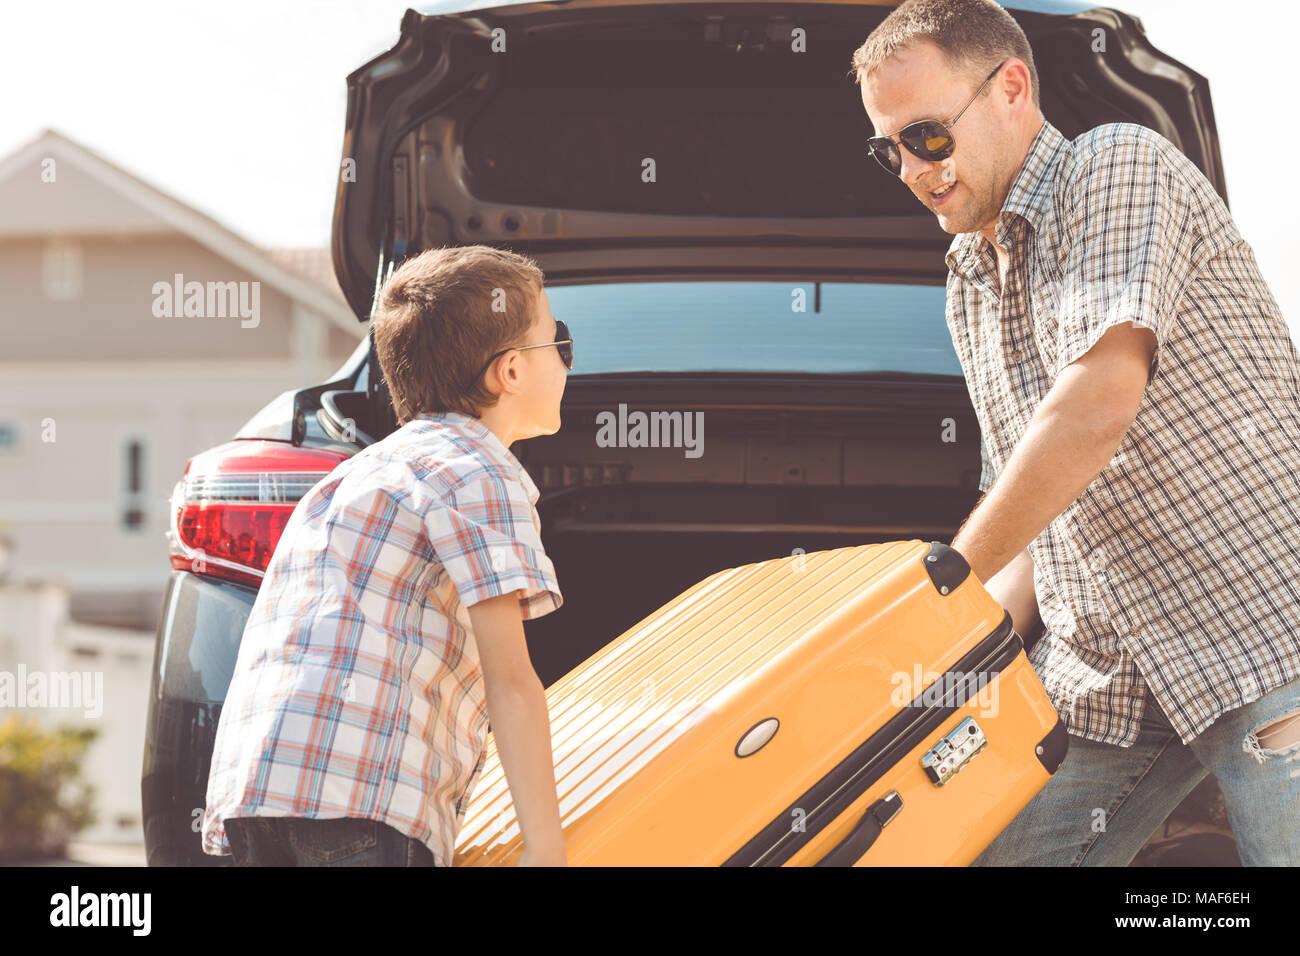 Gerne Vater und Sohn erhalten für die Reise an einem sonnigen Tag bereit. Konzept der freundliche Familie. Stockbild